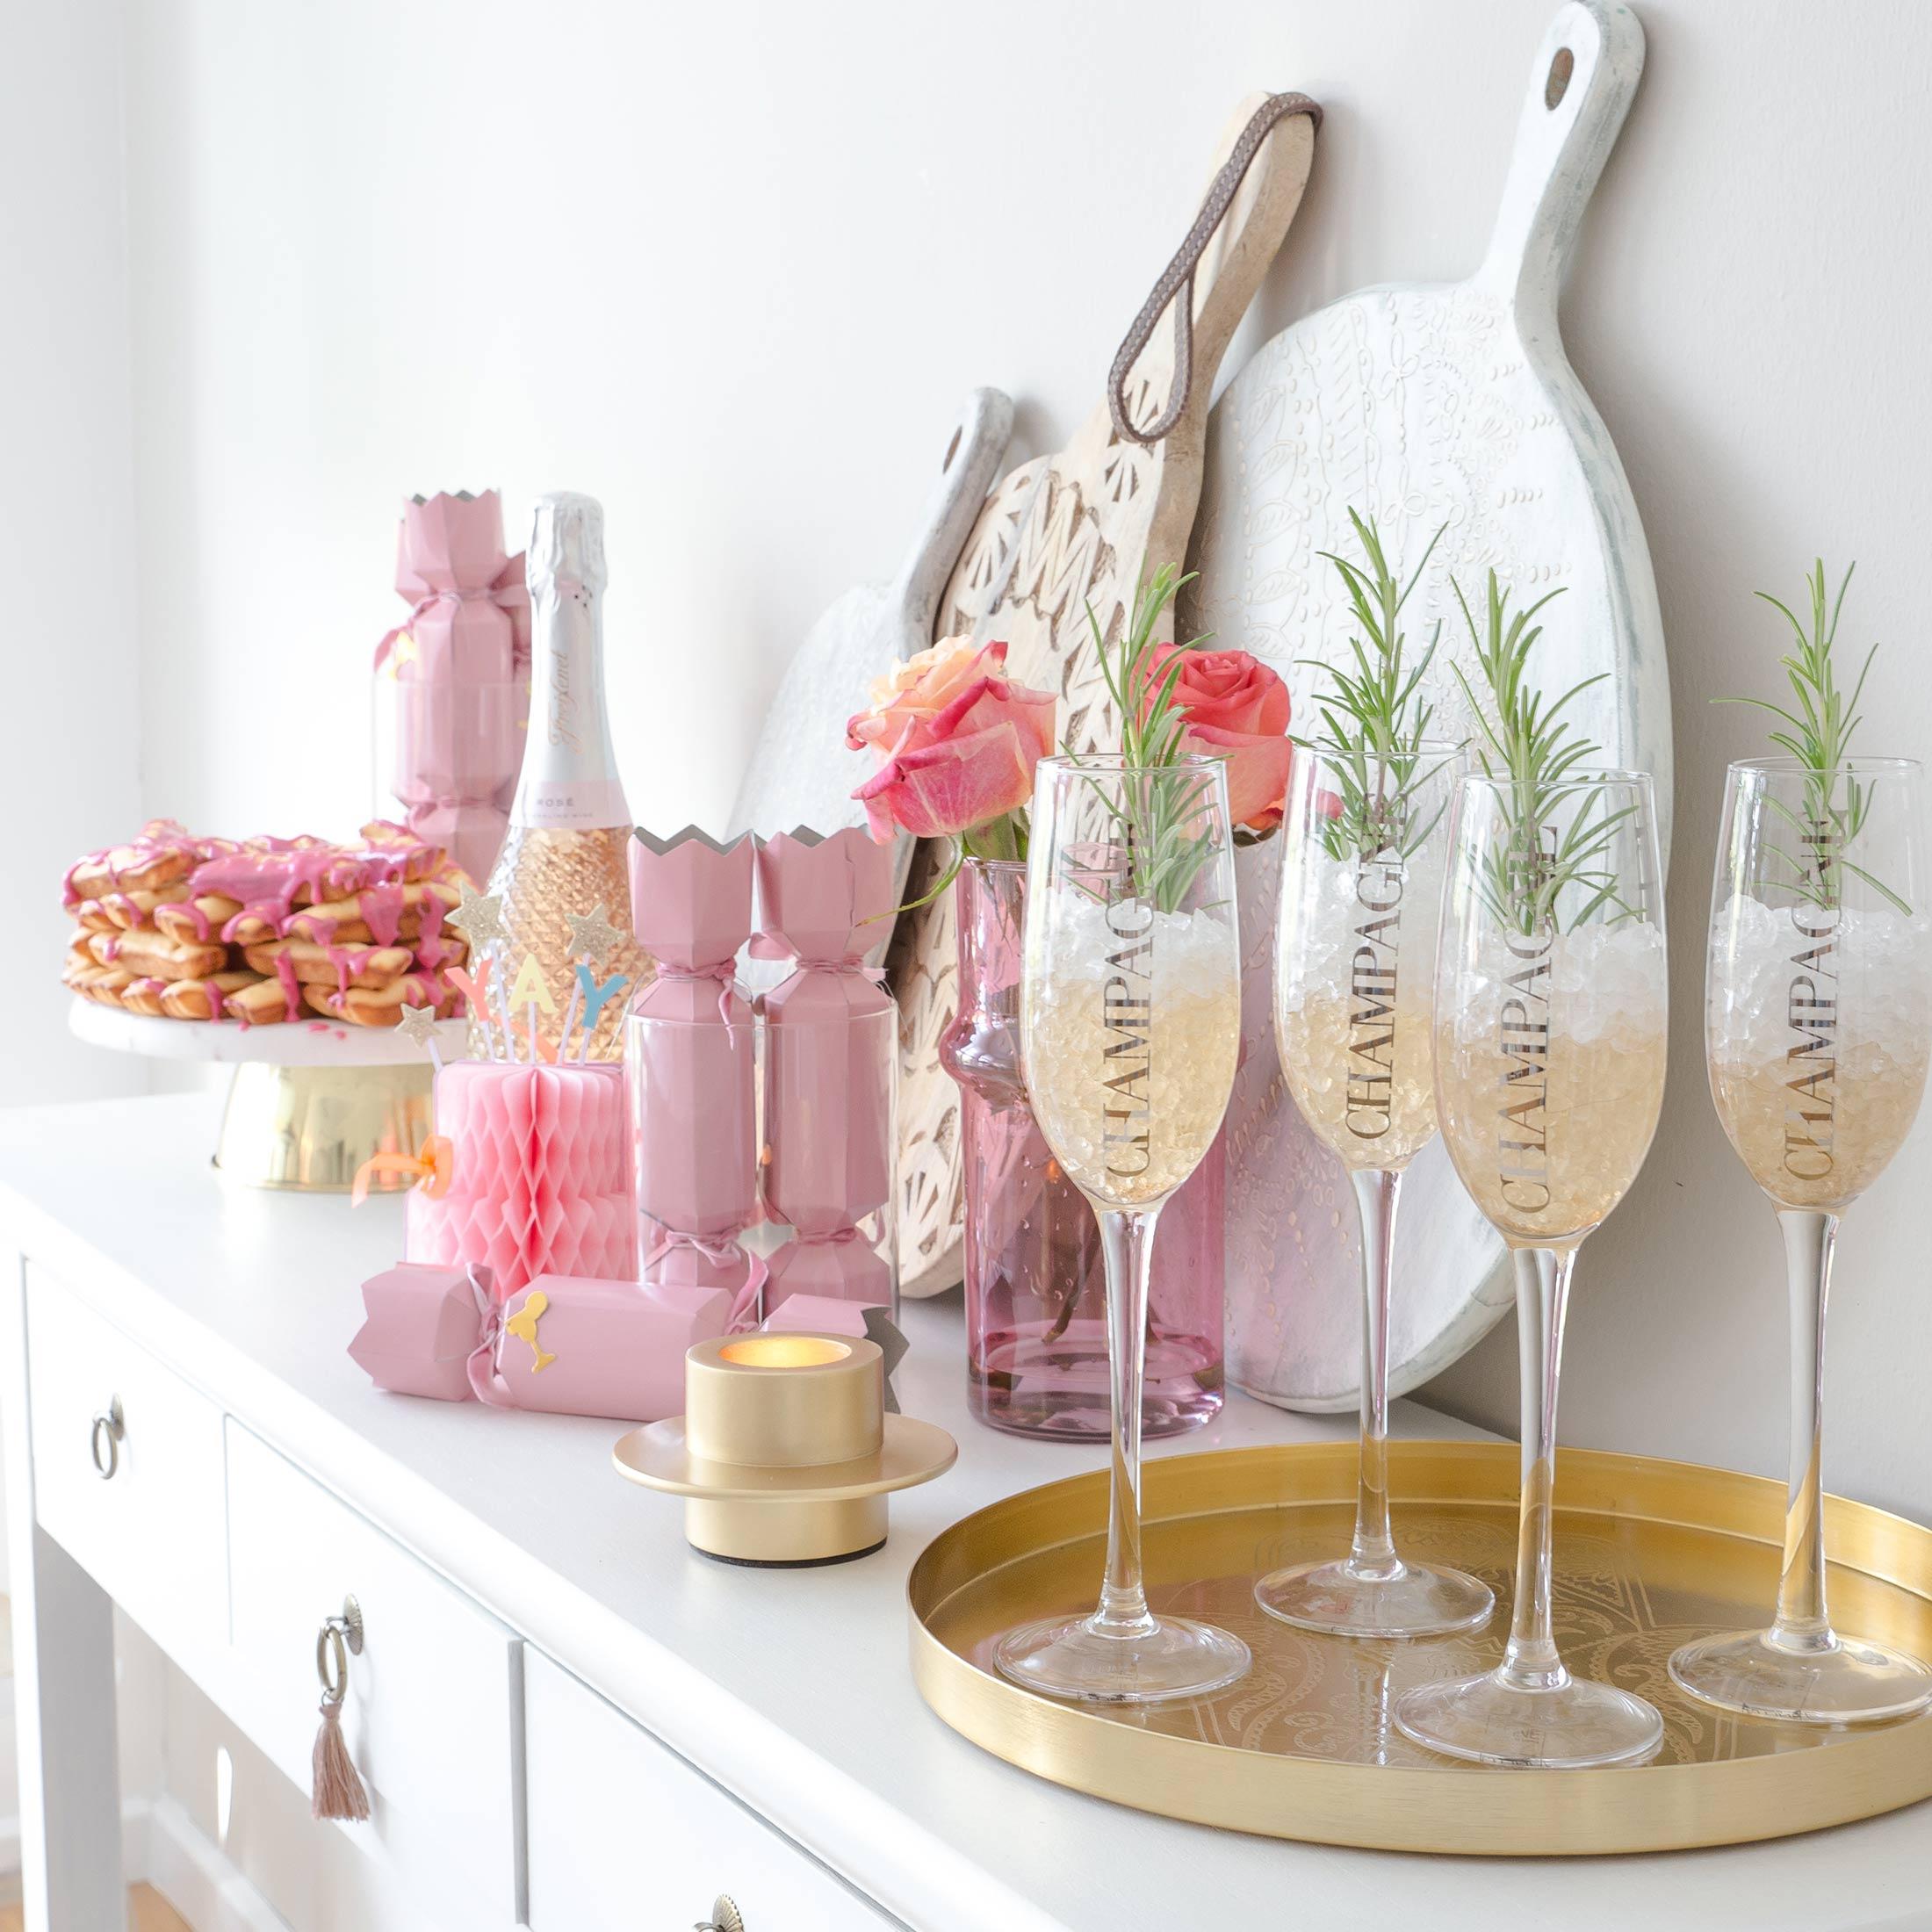 Tischknaller mit Überraschung für Silvester von der Marke Klevering. Lustige Tischdeko für die ganze Familie. Tischdeko und Knallbonbon online kaufen